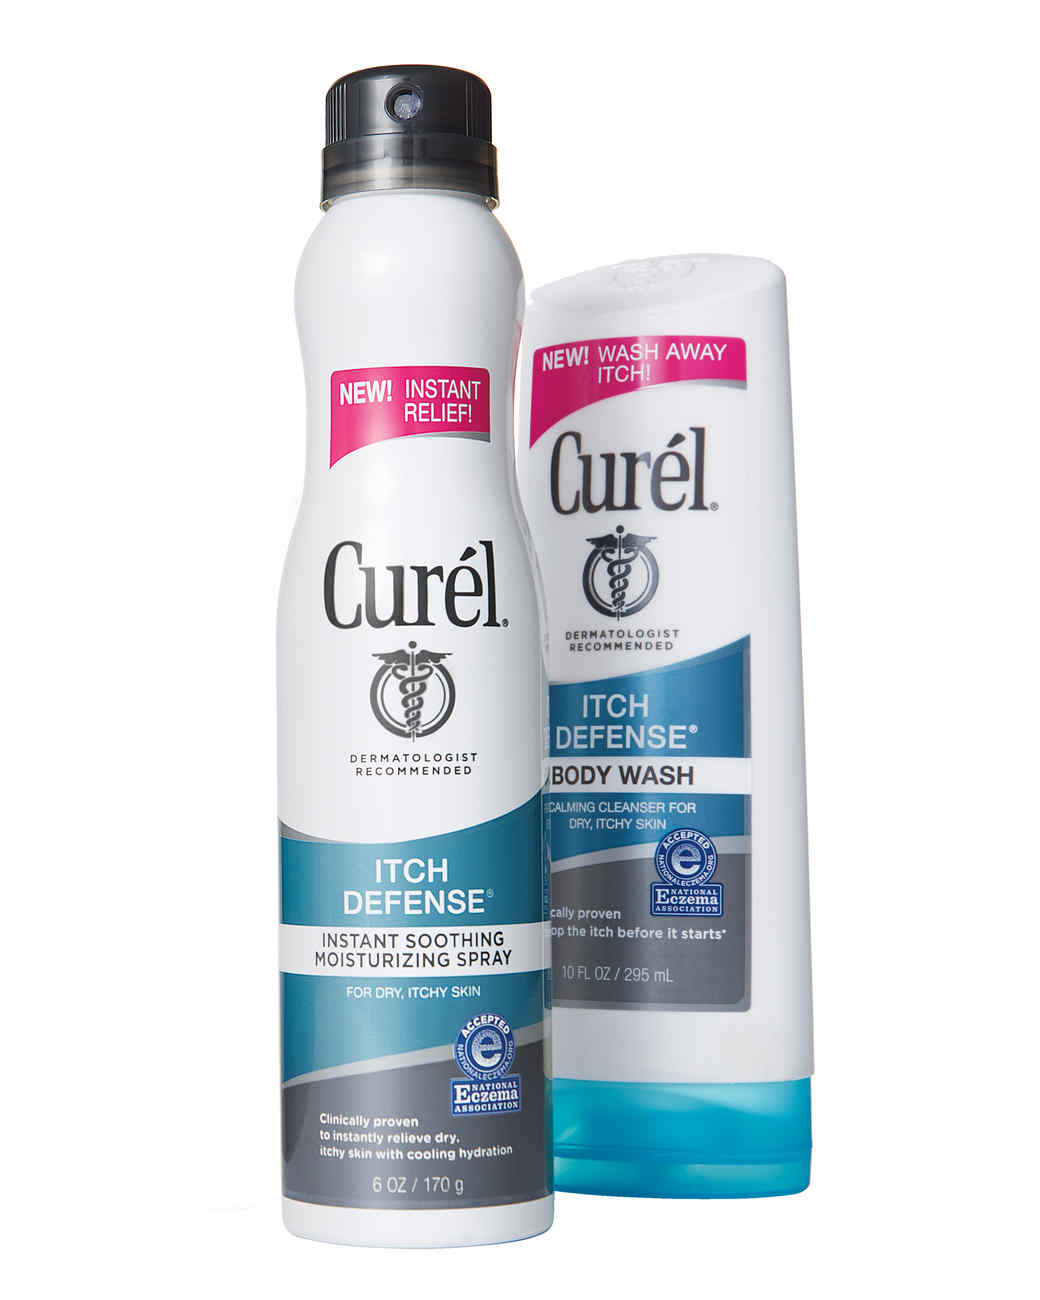 curel-itch-defense-body-wash-and-spray-122-d112618.jpg